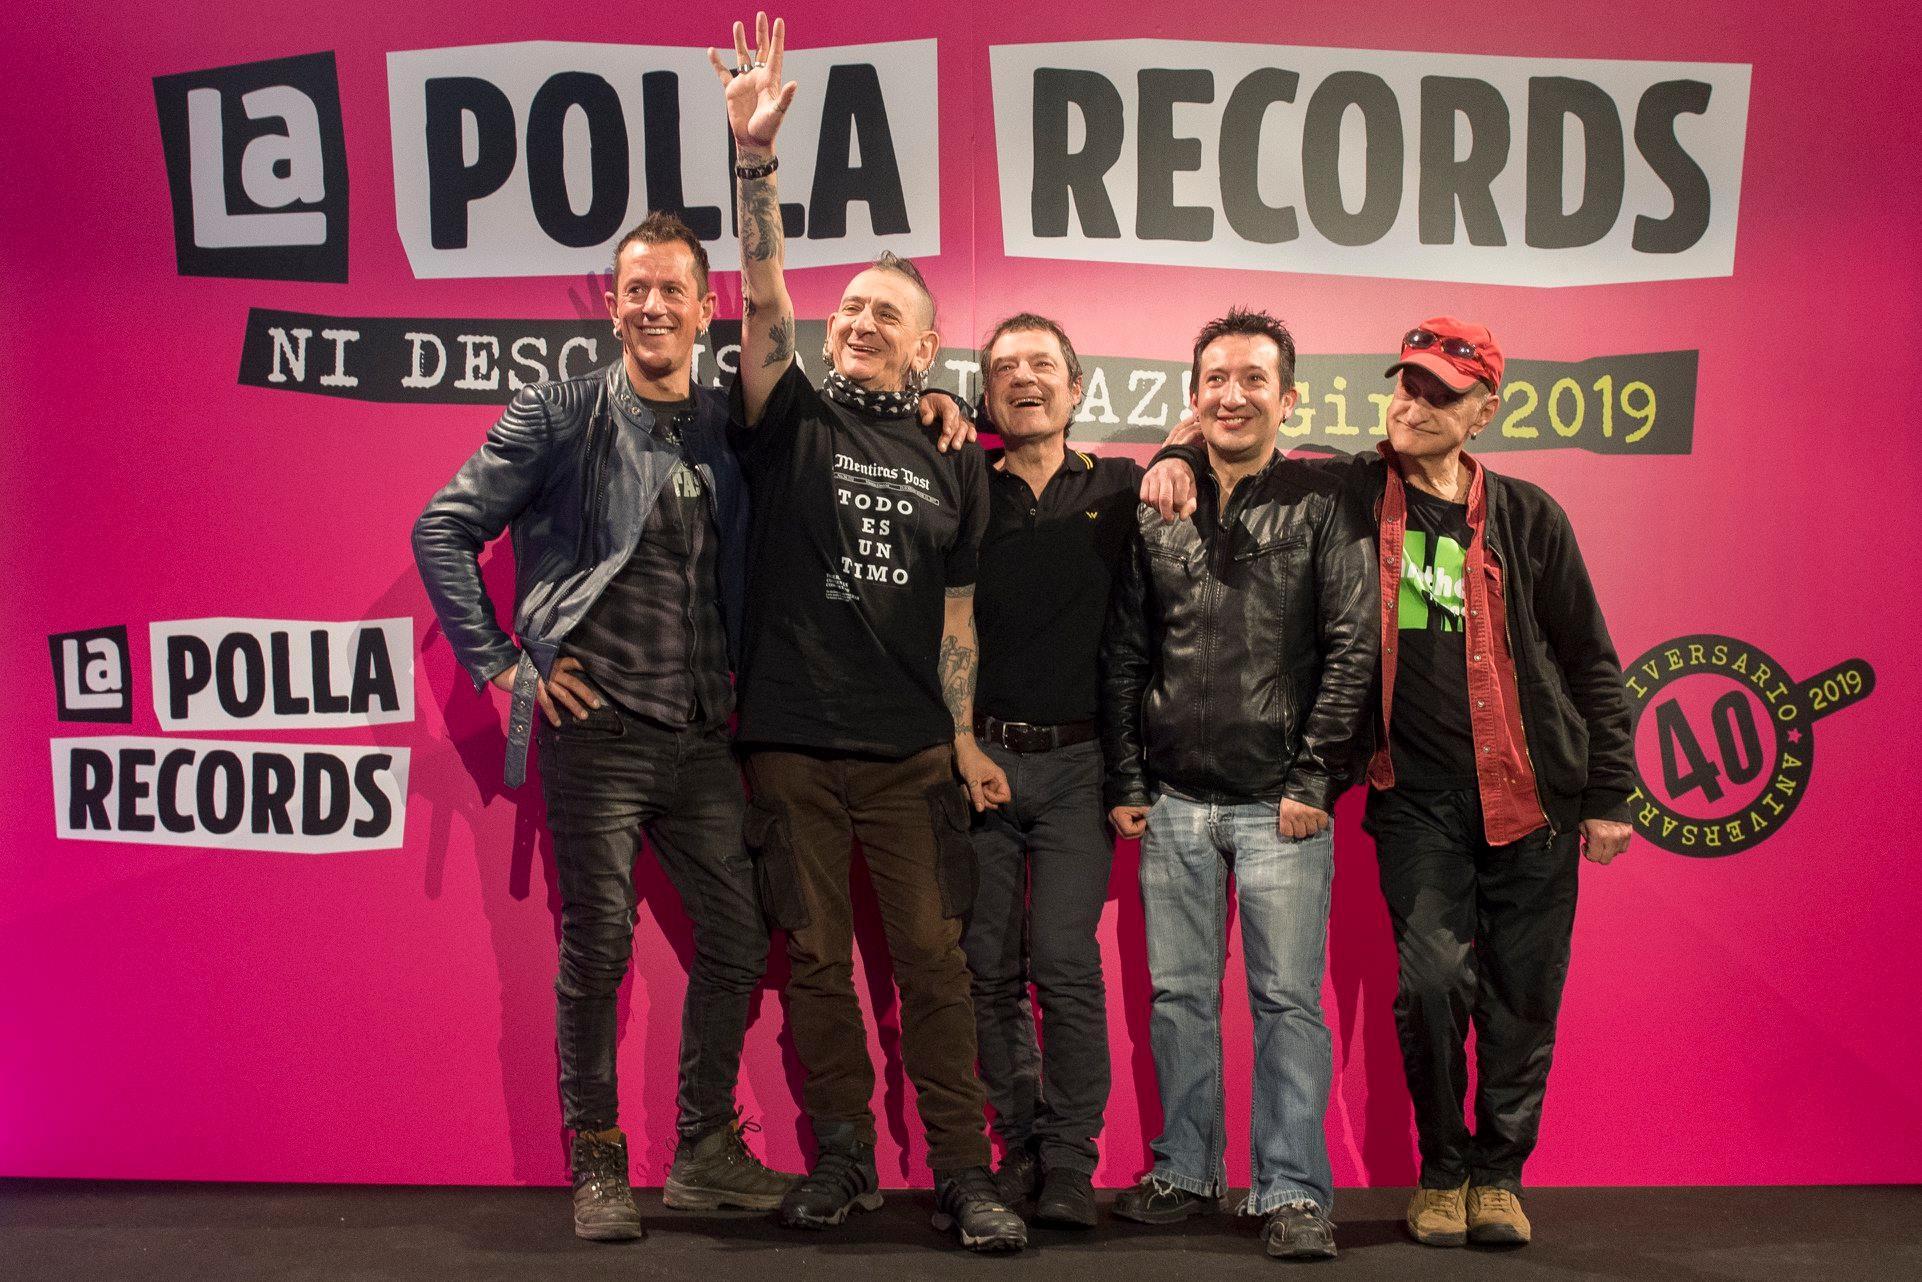 La Polla Records confirma reencuentro, gira y disco